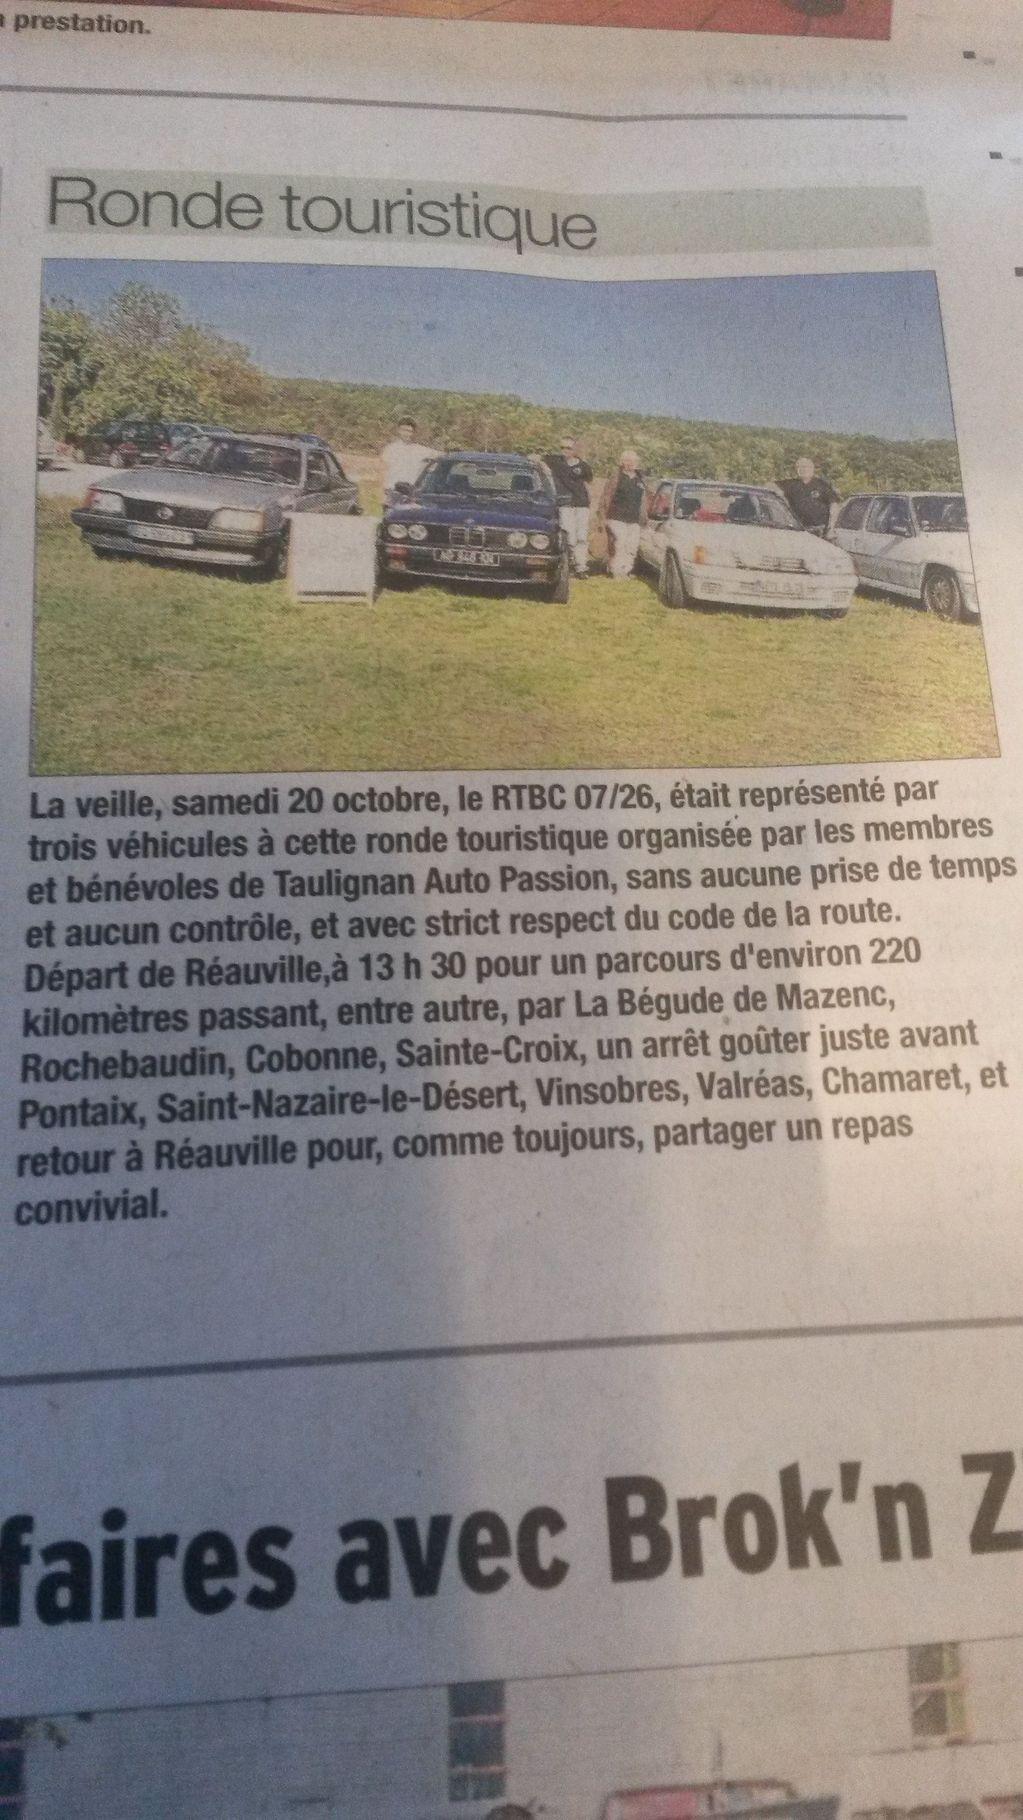 [26] 20/10/2018 - Ronde touristique à Réauville - Page 2 18102508002123632315963144